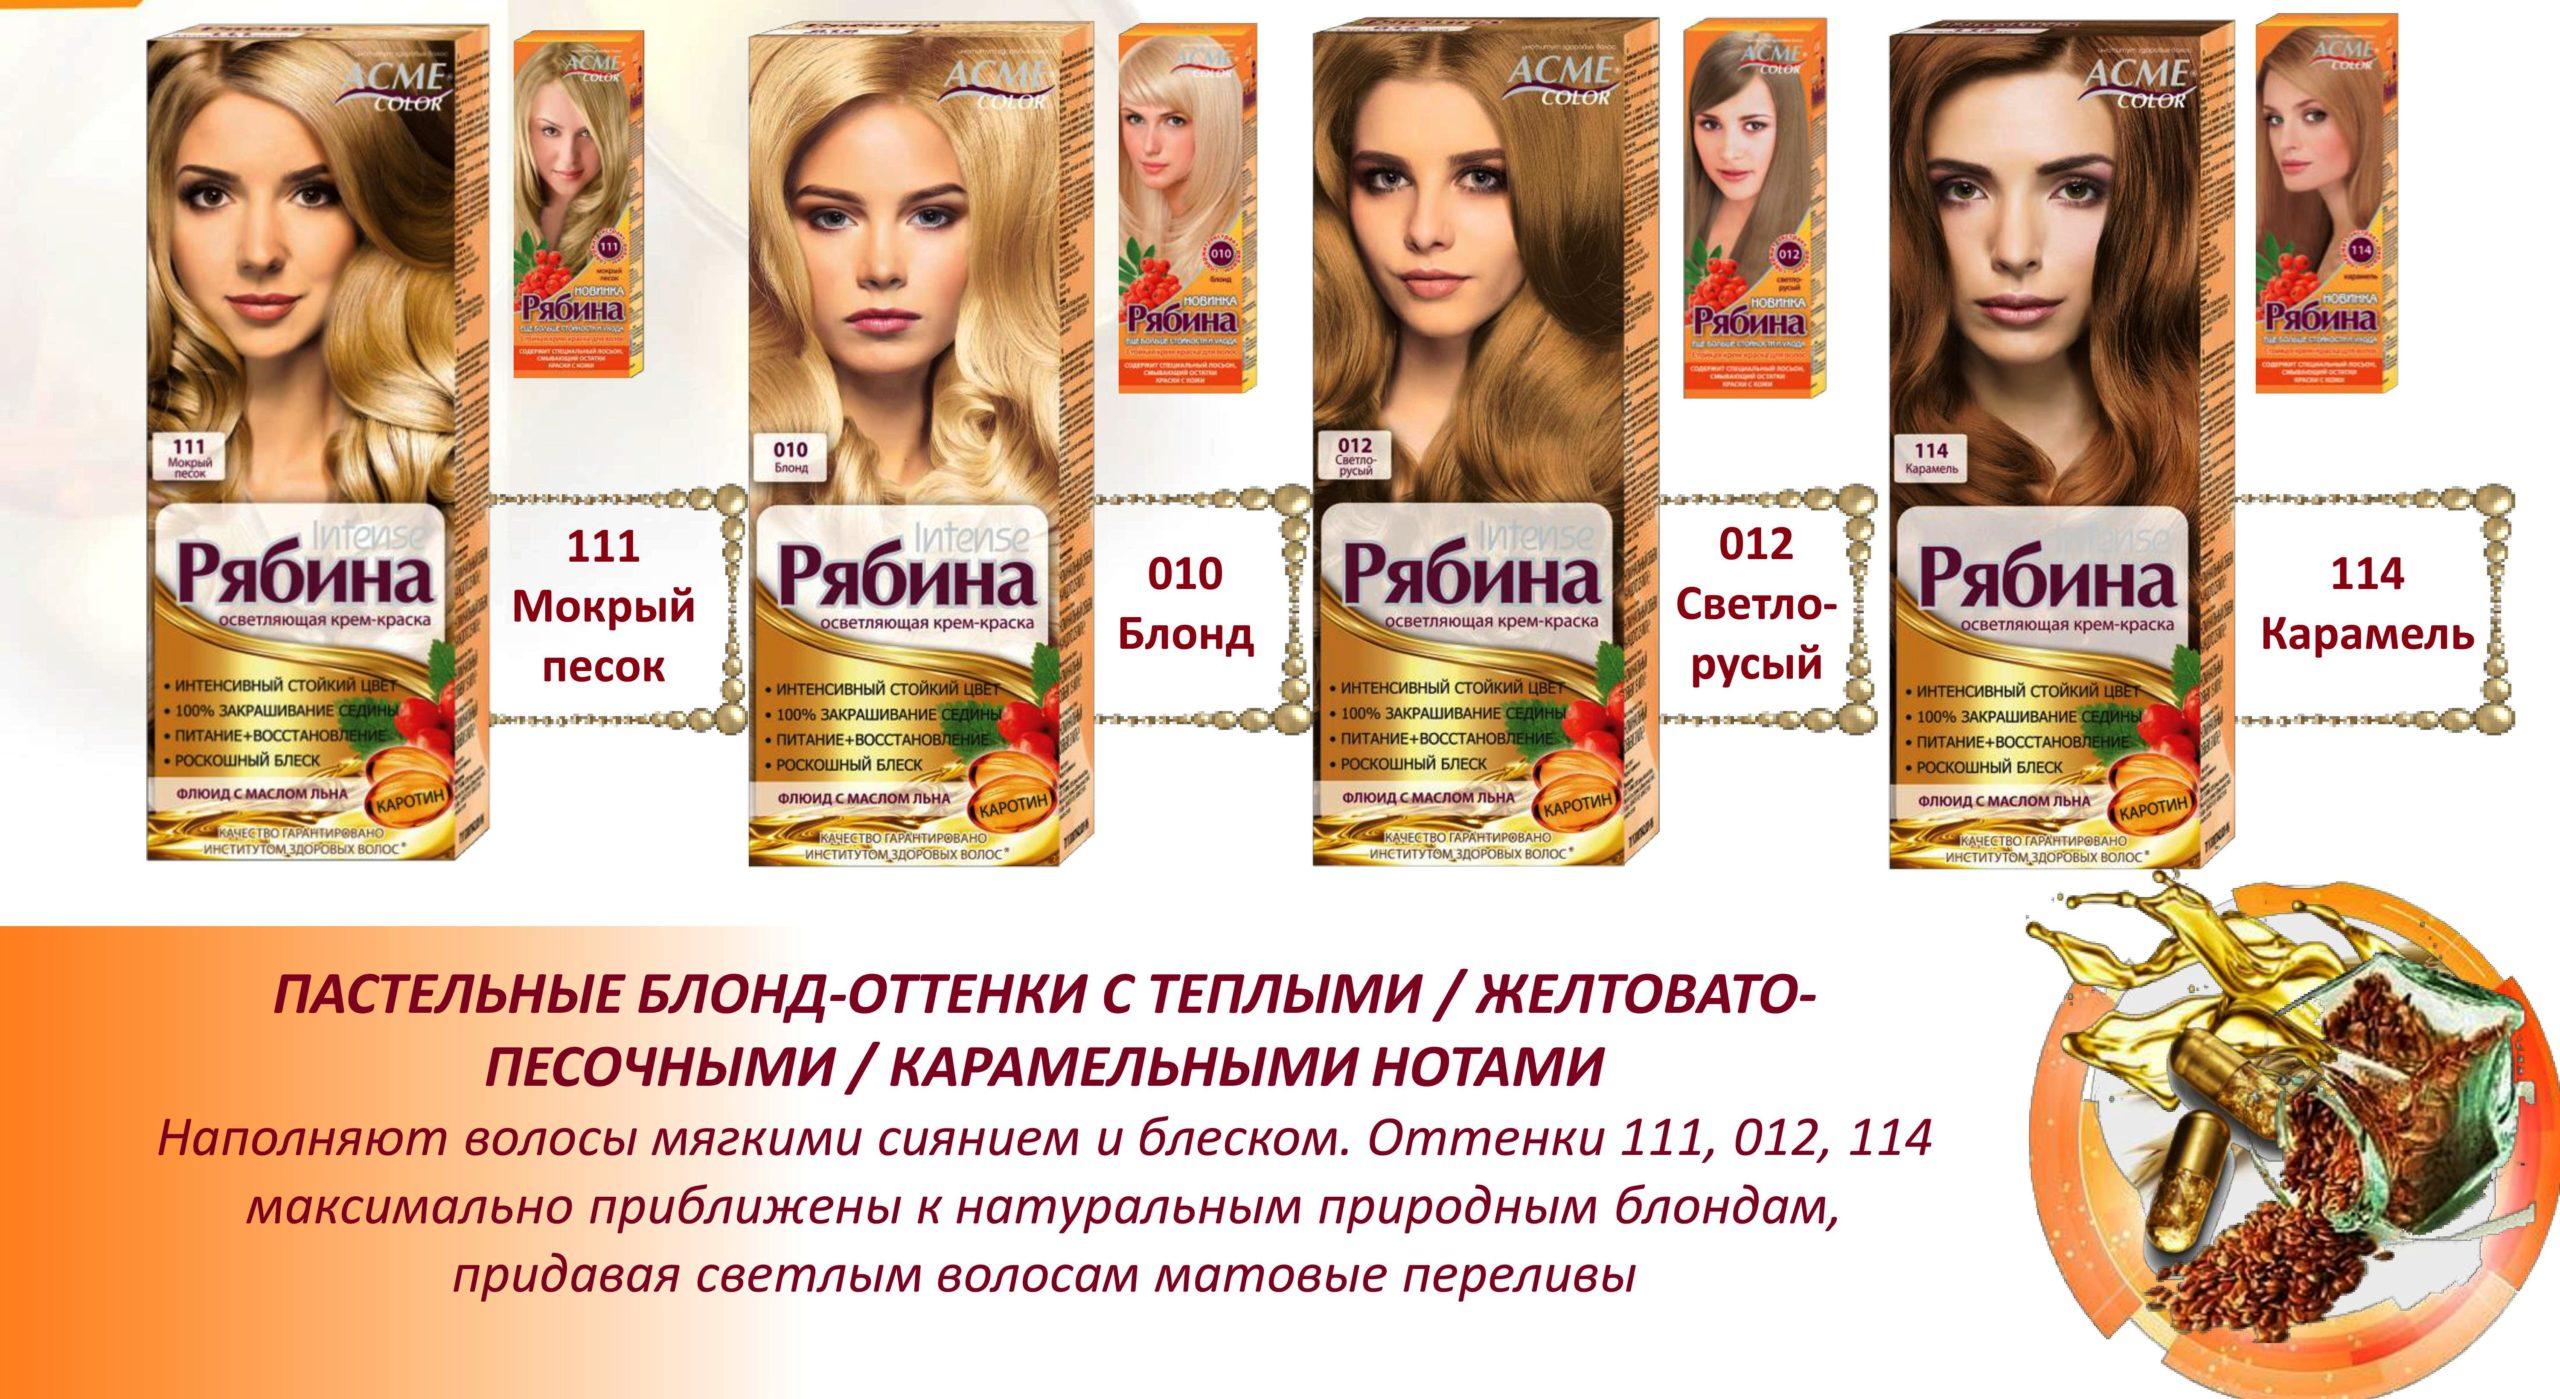 Белорусская краска для волос рябина палитра